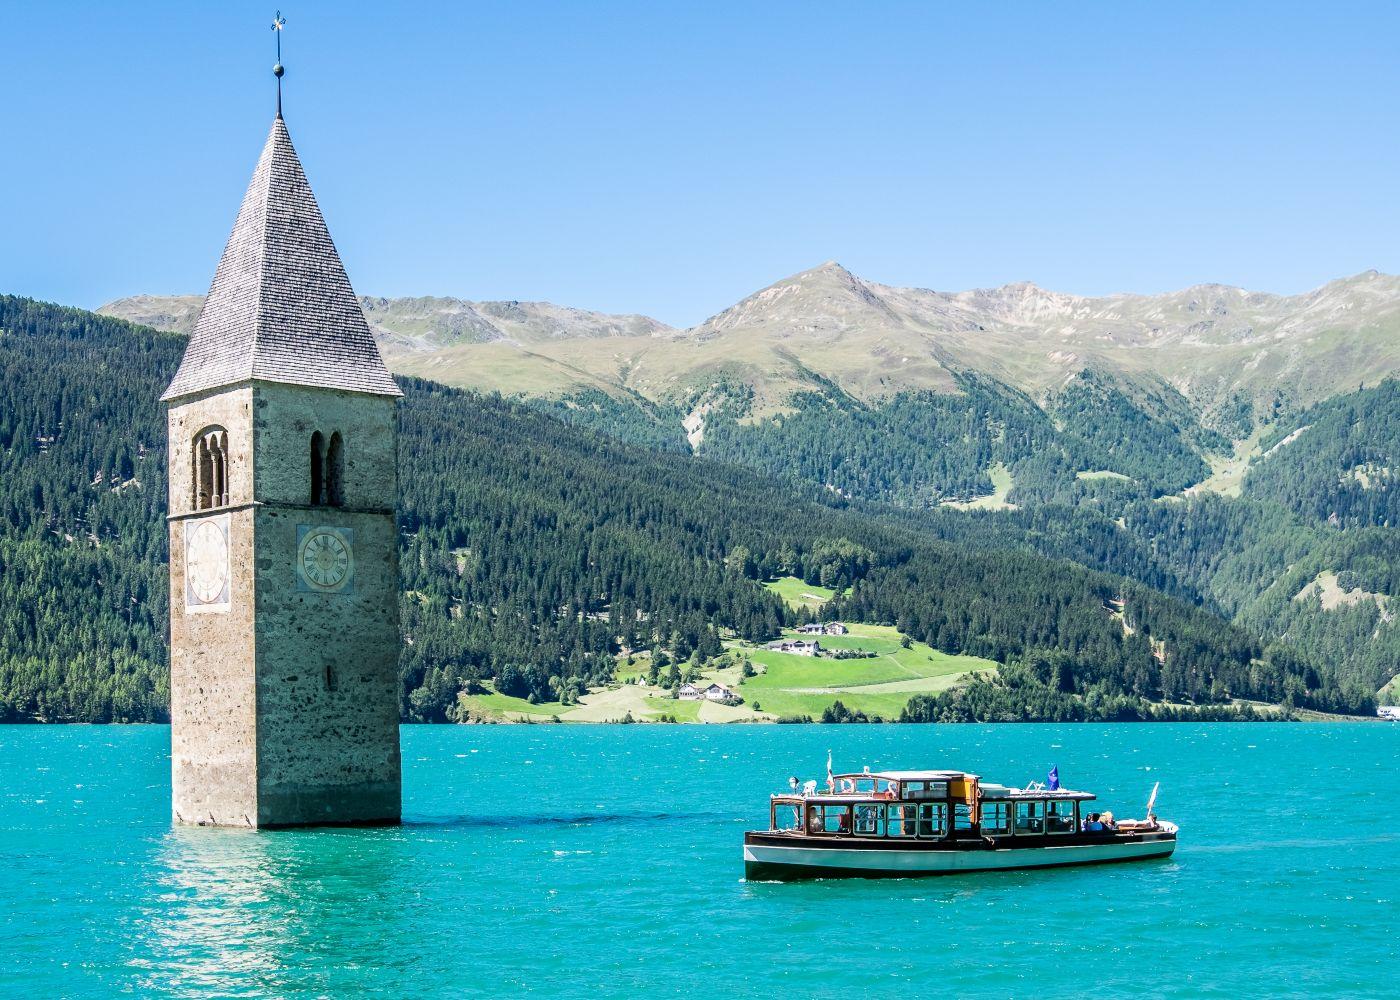 vista sobre torre no lago resia